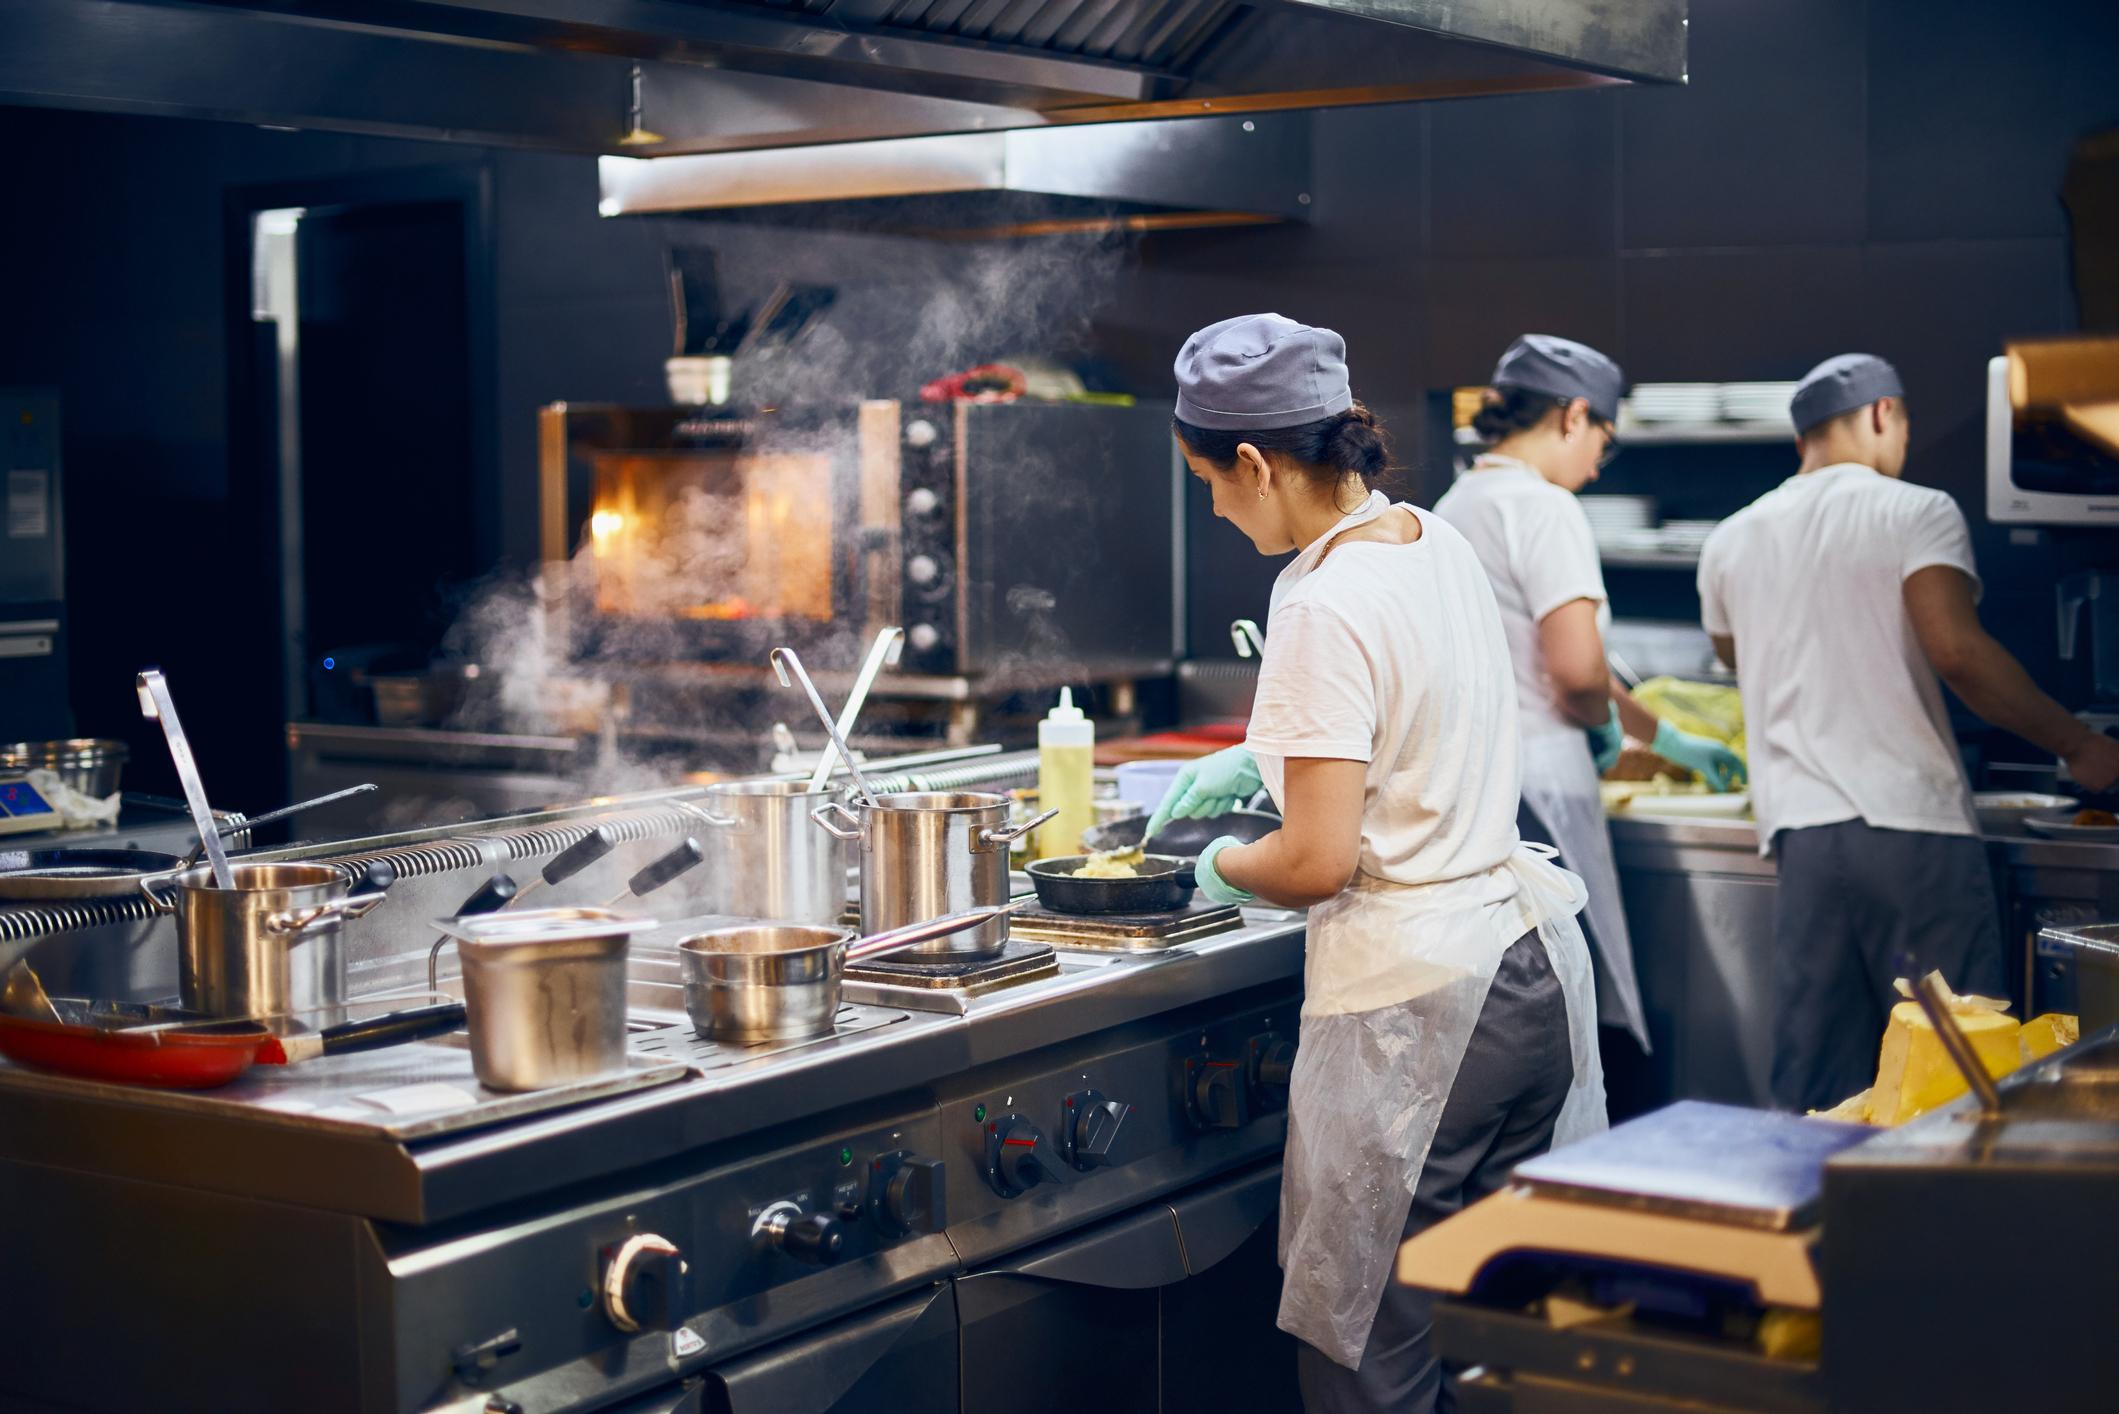 Equipements de cuisine professionnelle - Horeca 3 Deltas